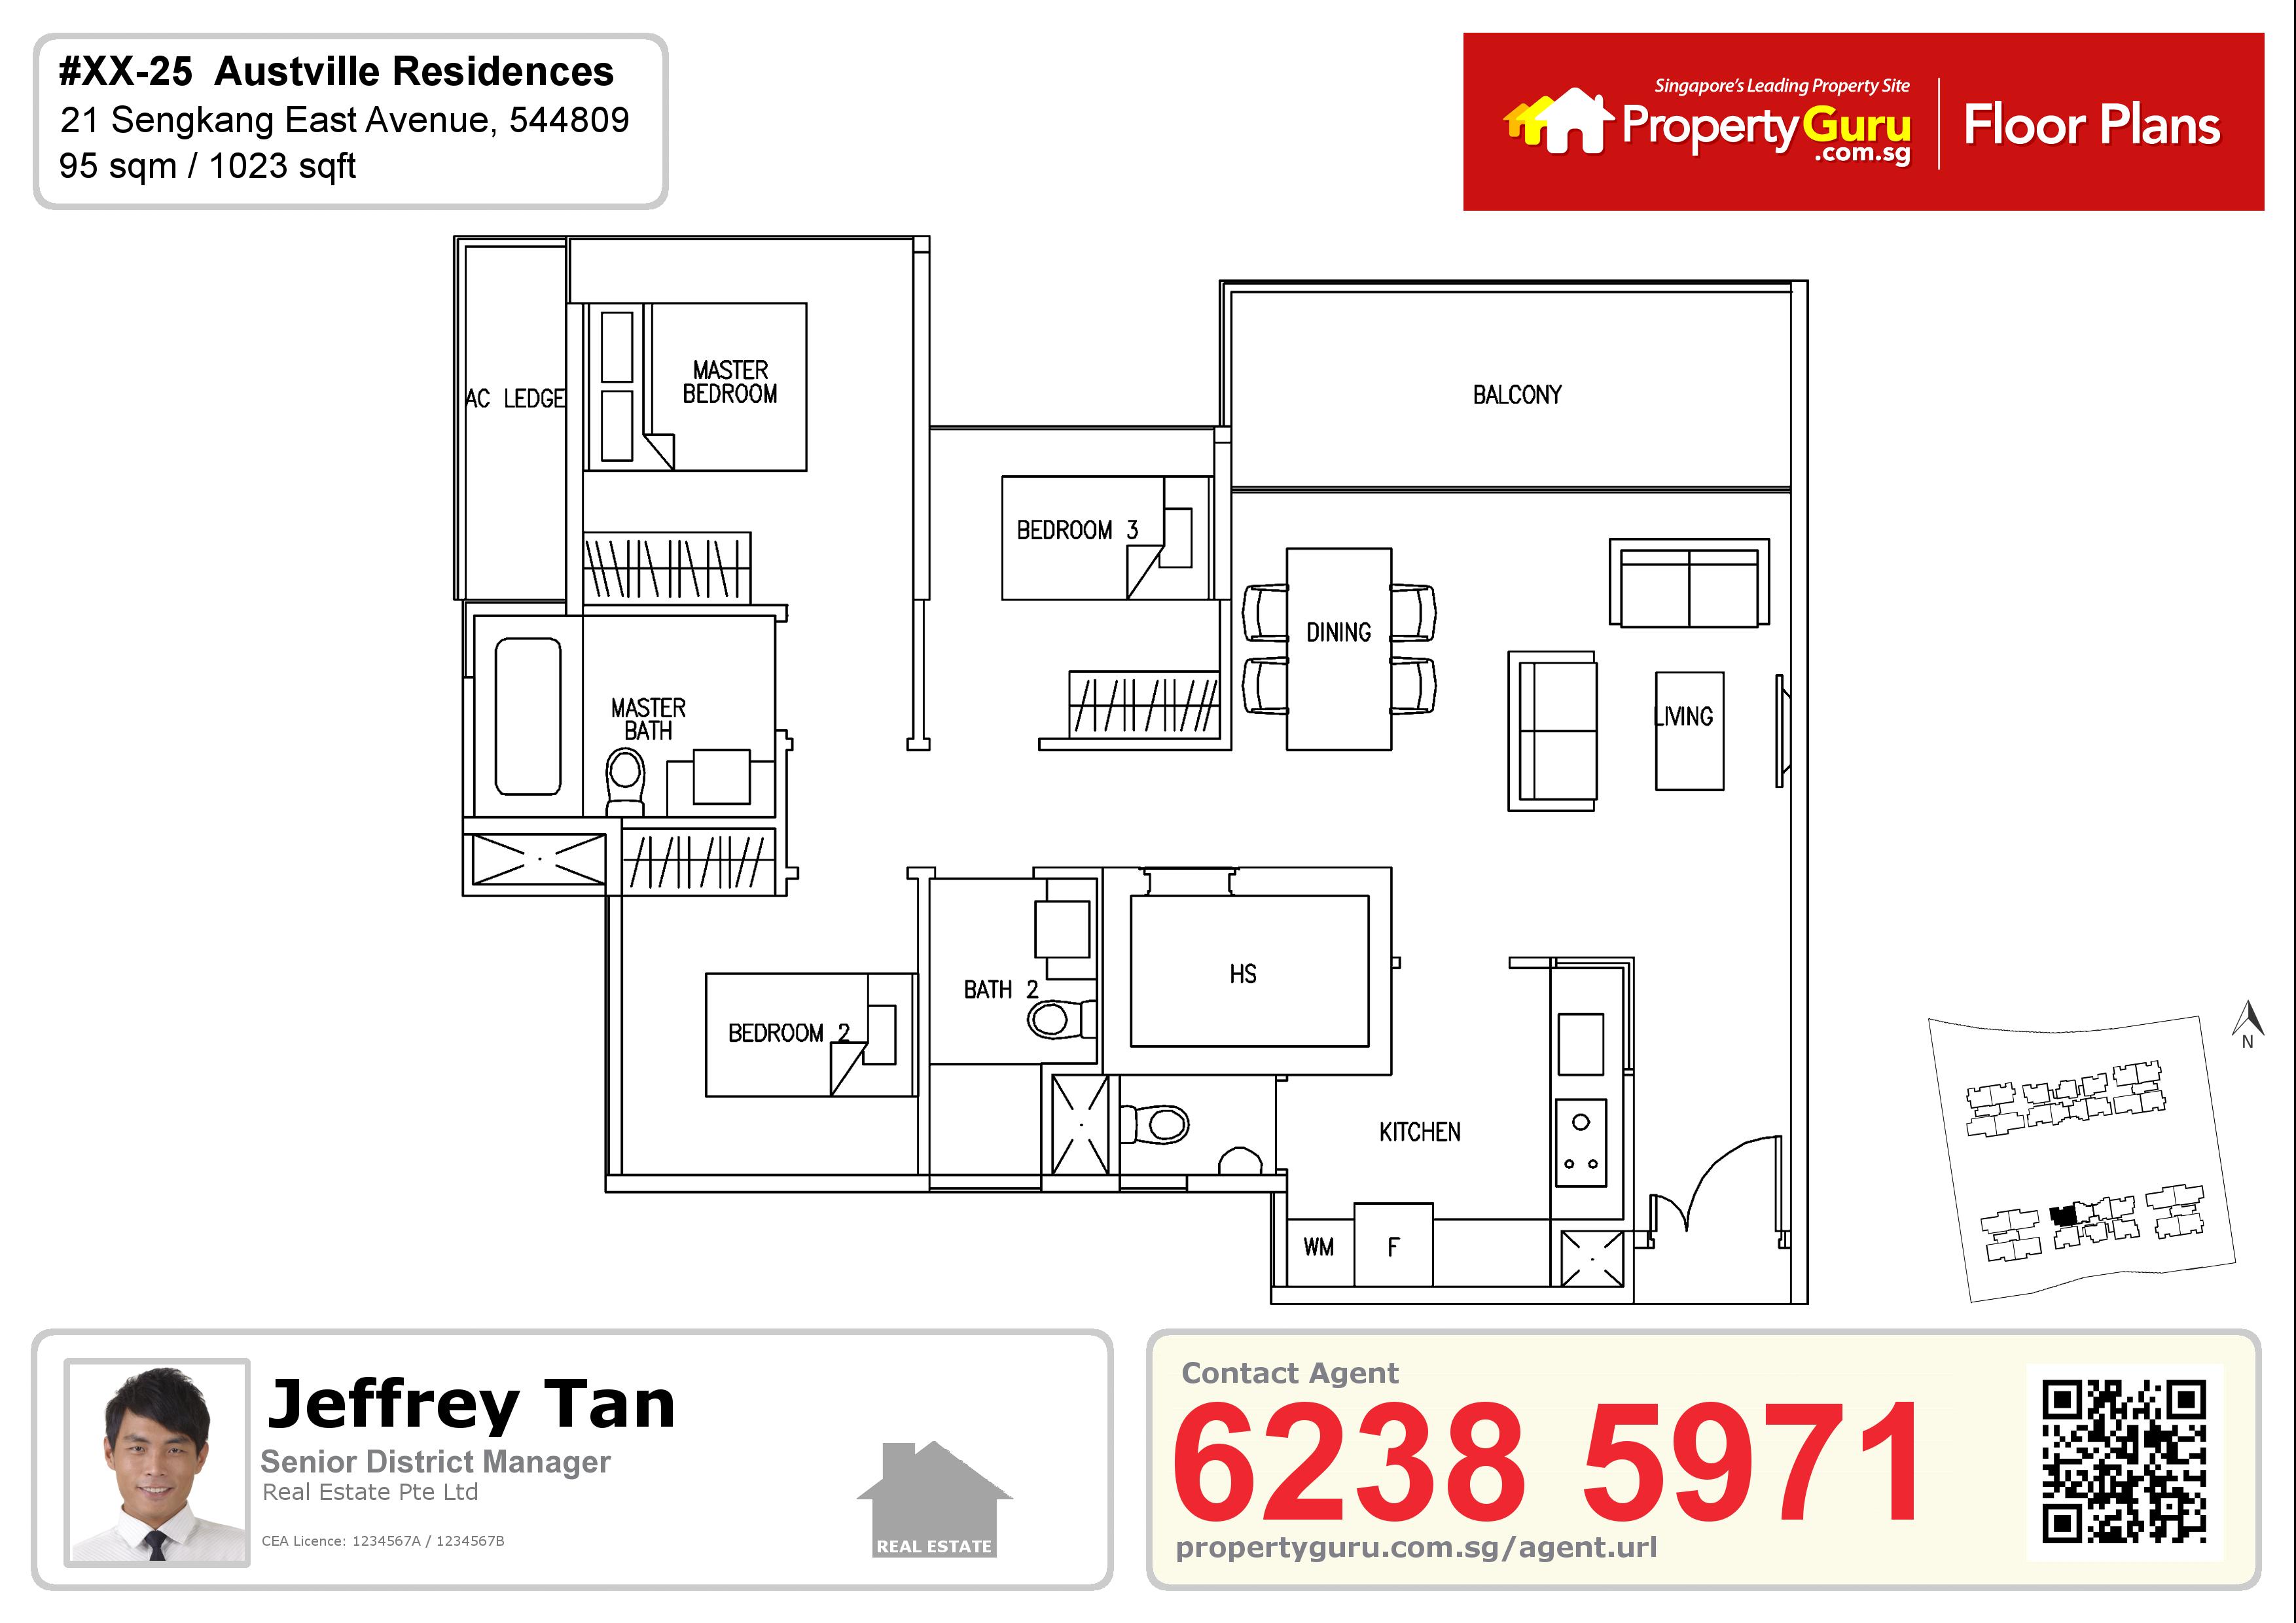 Floor plans and information for Singapore properties | PropertyGuru